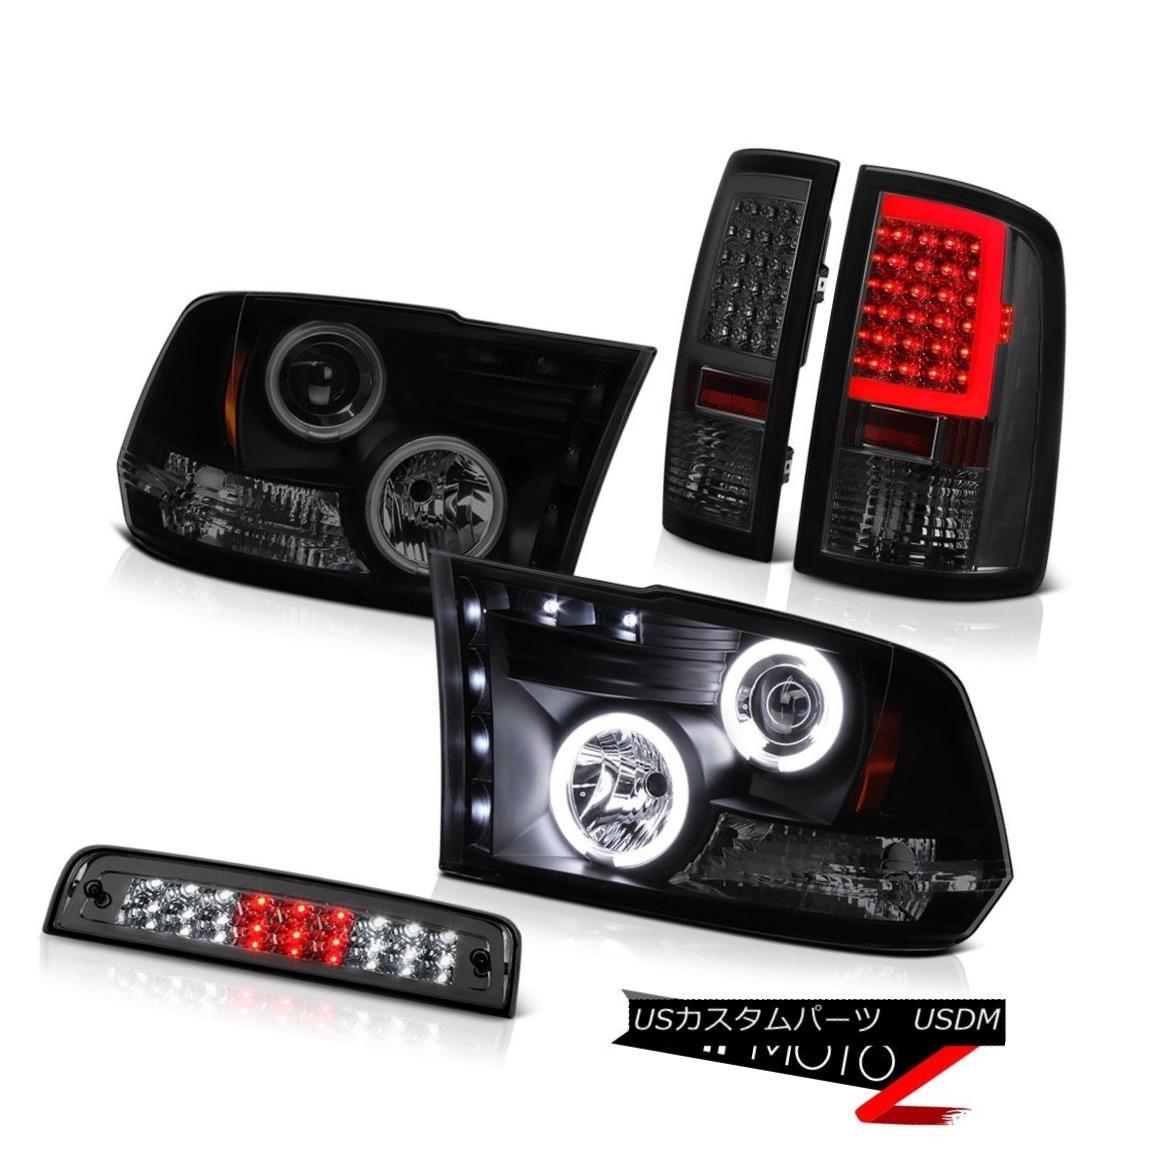 テールライト 09 10 11-18 Dodge RAM 3500 Dark Smoke Neon Tube Tail Light 3rd Brake Headlights 09 10 11-18ダッジRAM 3500ダークスモークネオンチューブテールライト第3ブレーキヘッドライト